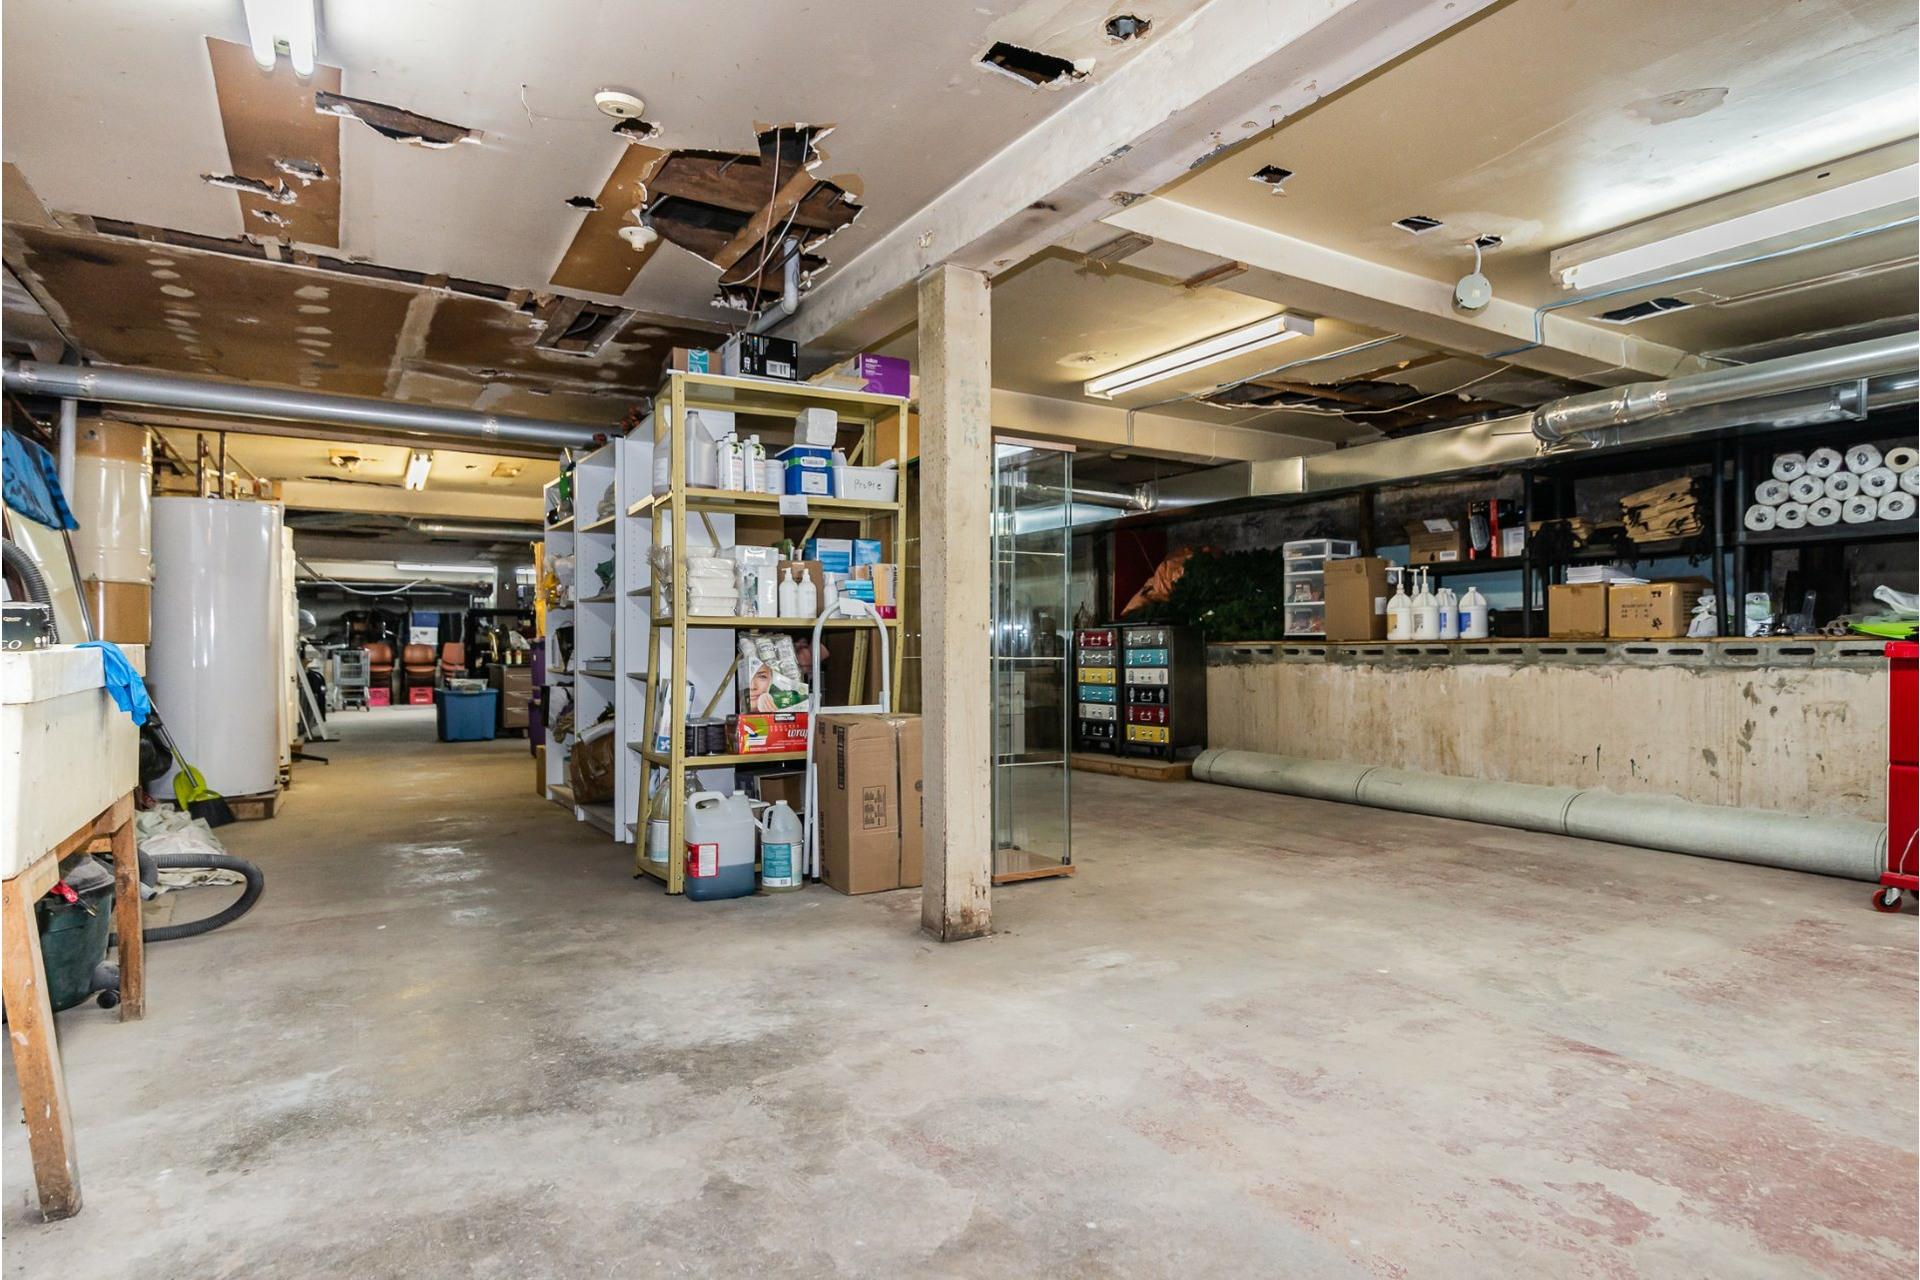 image 19 - Duplex À vendre Lachine Montréal  - 4 pièces